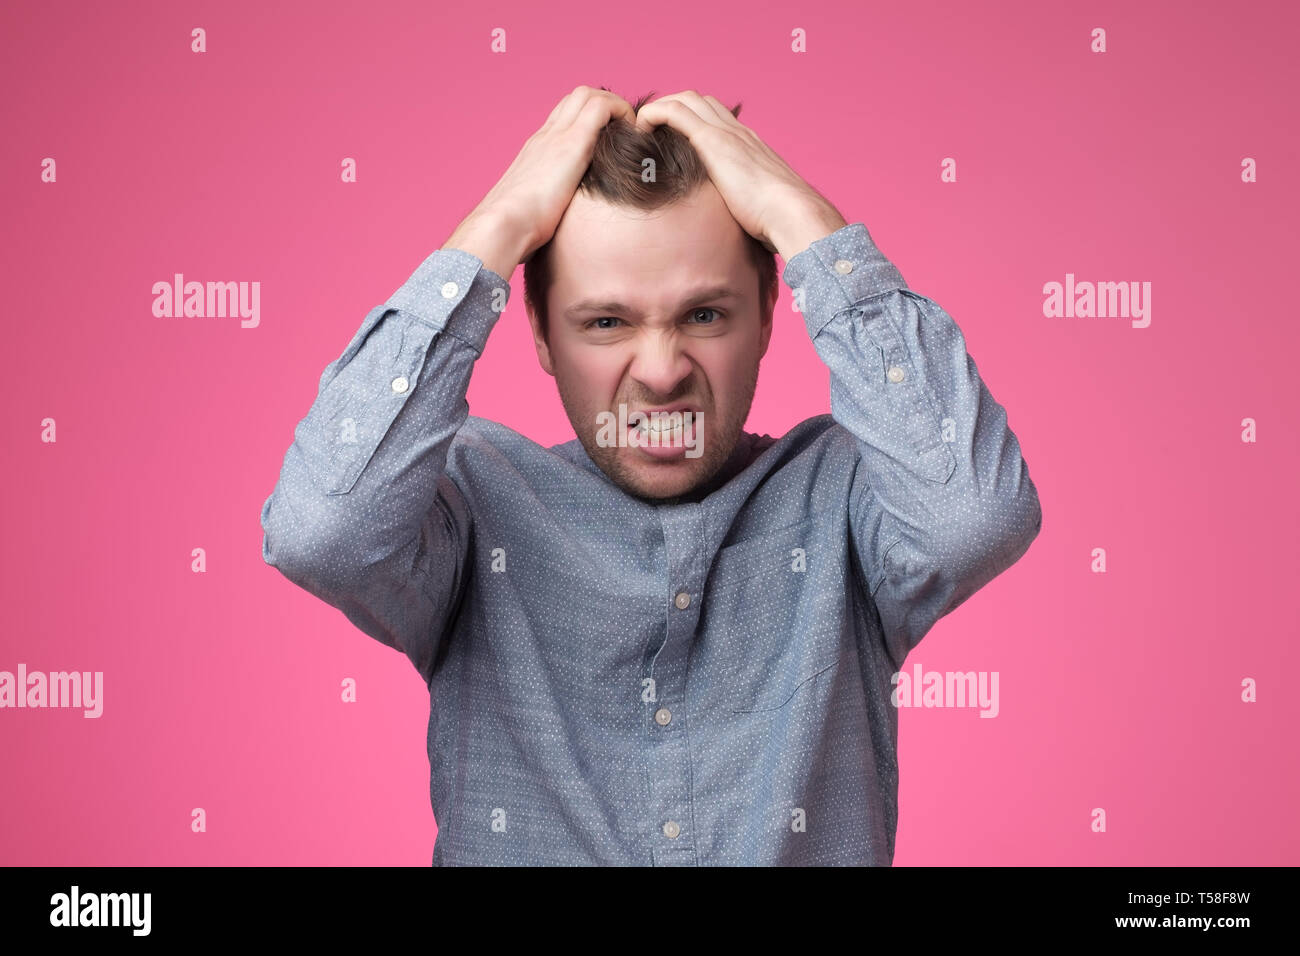 Enojado gritando joven poniendo las manos en la cabeza en la pared rosa en studio. Imagen De Stock